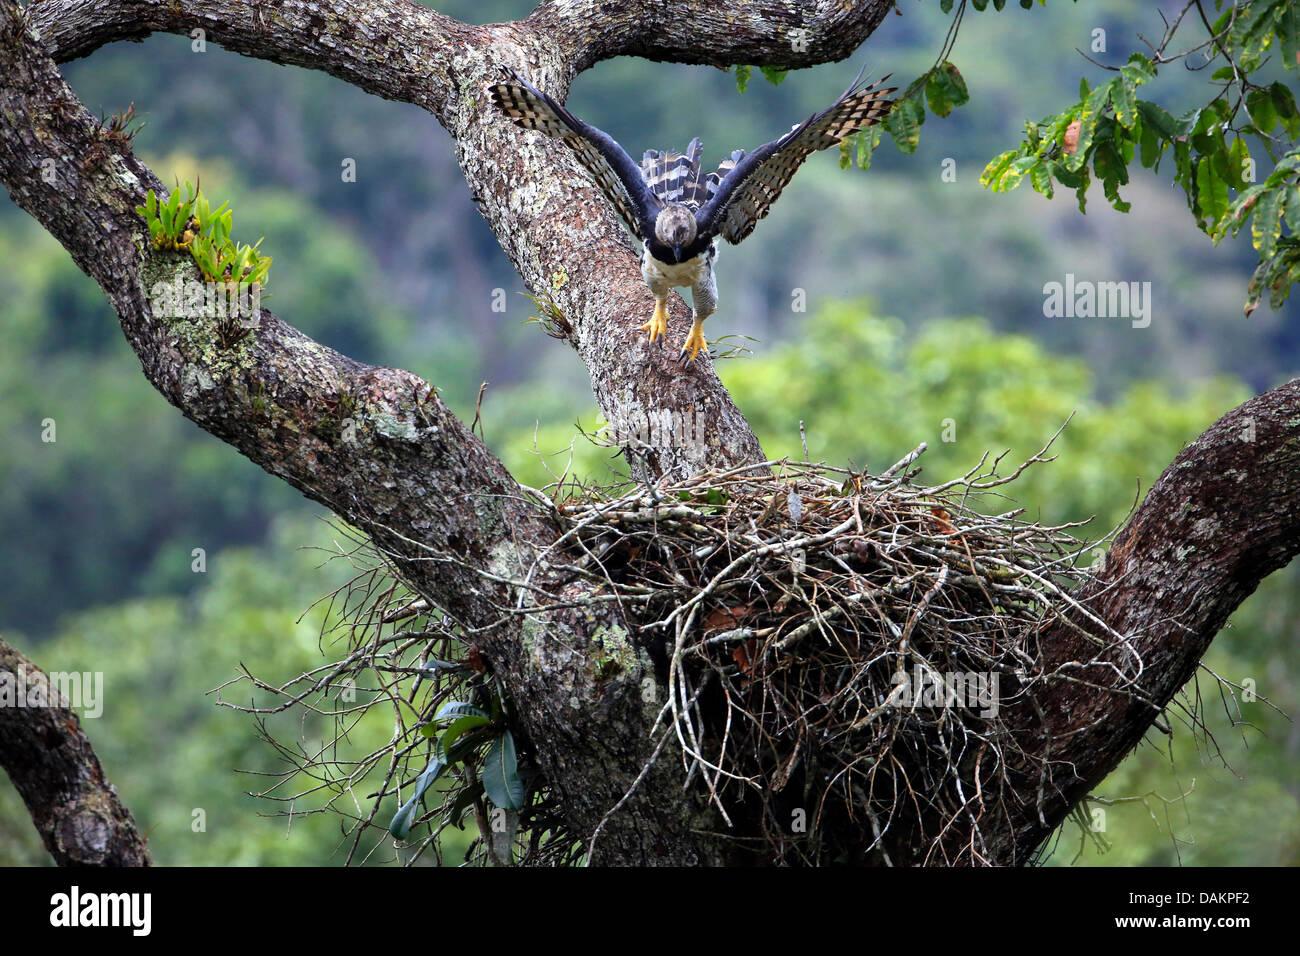 Harpy eagle (Harpia harpyja), female returning to the aerie, largest eagle of the world, Brazil - Stock Image